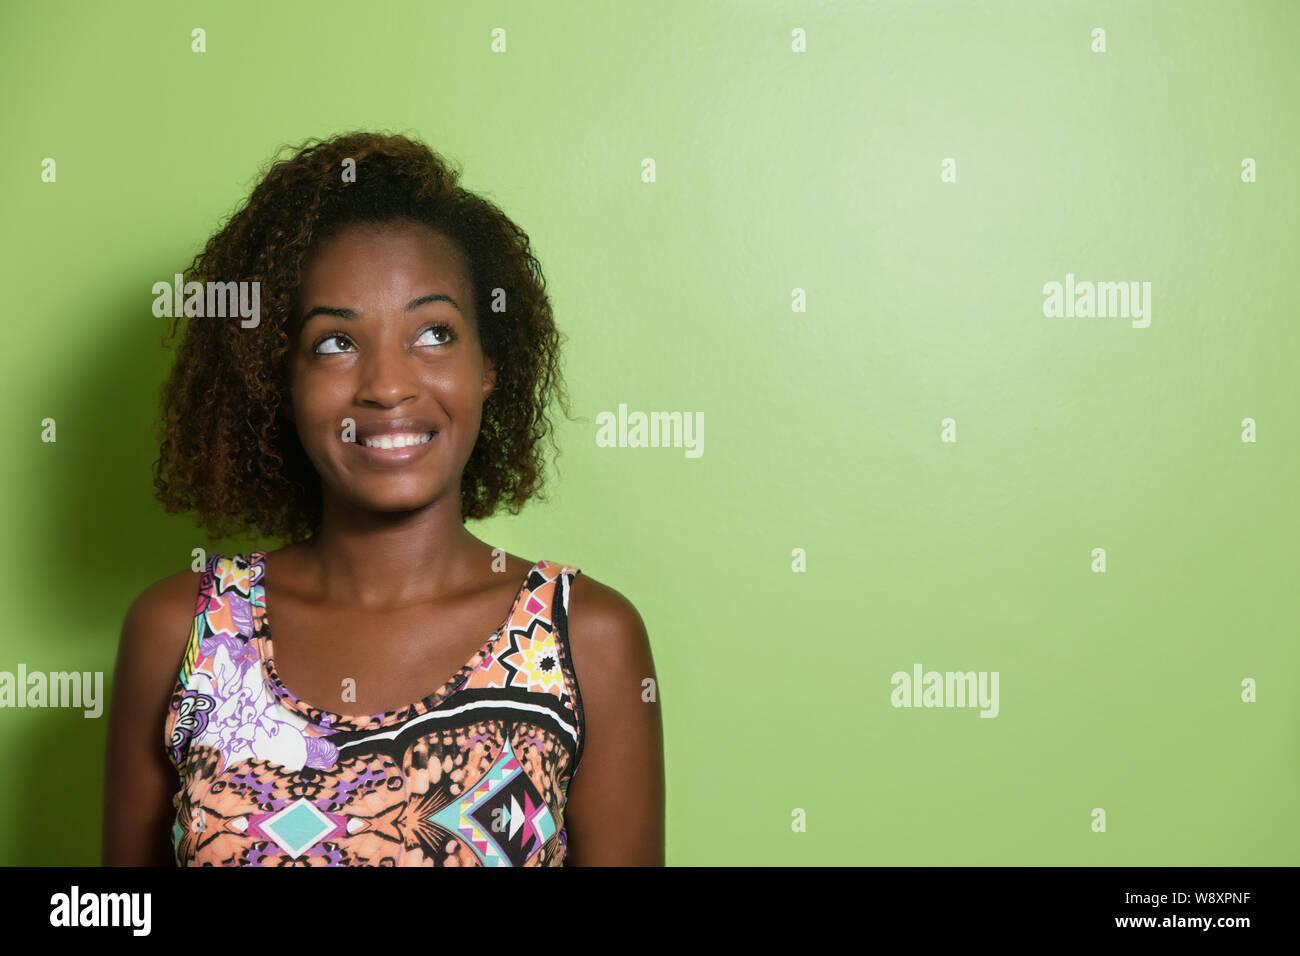 Bella americano africano donna che guarda lateralmente ad una parete verde Foto Stock